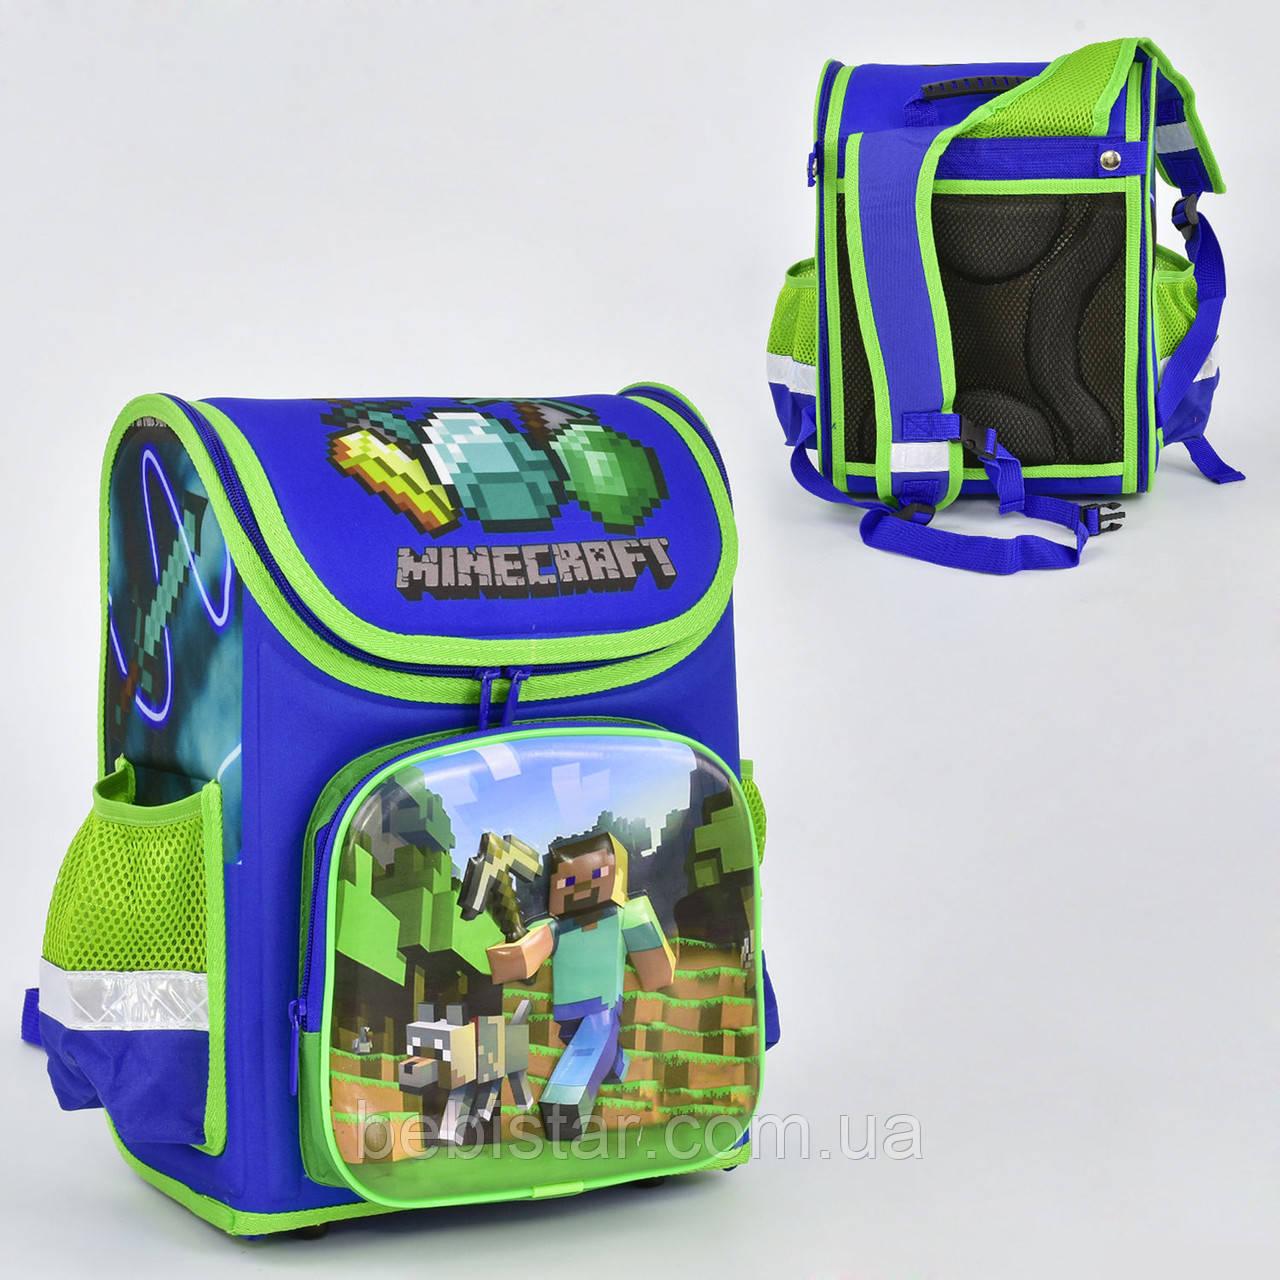 Школьный рюкзак ортопедическая спинка 3 кармана с изображением игры Майнкрафт